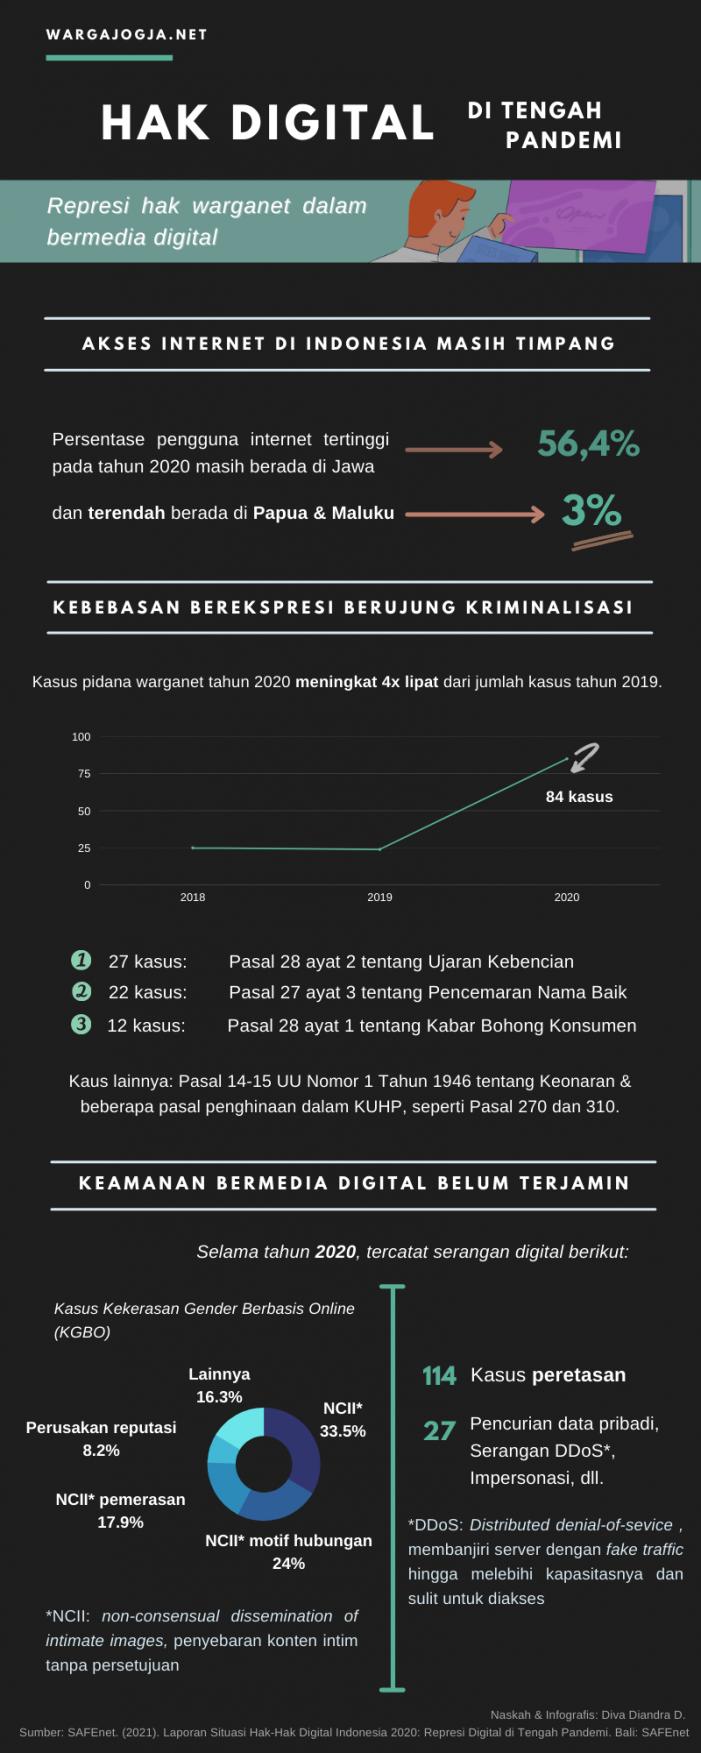 Hak Digital di Tengah Pandemi